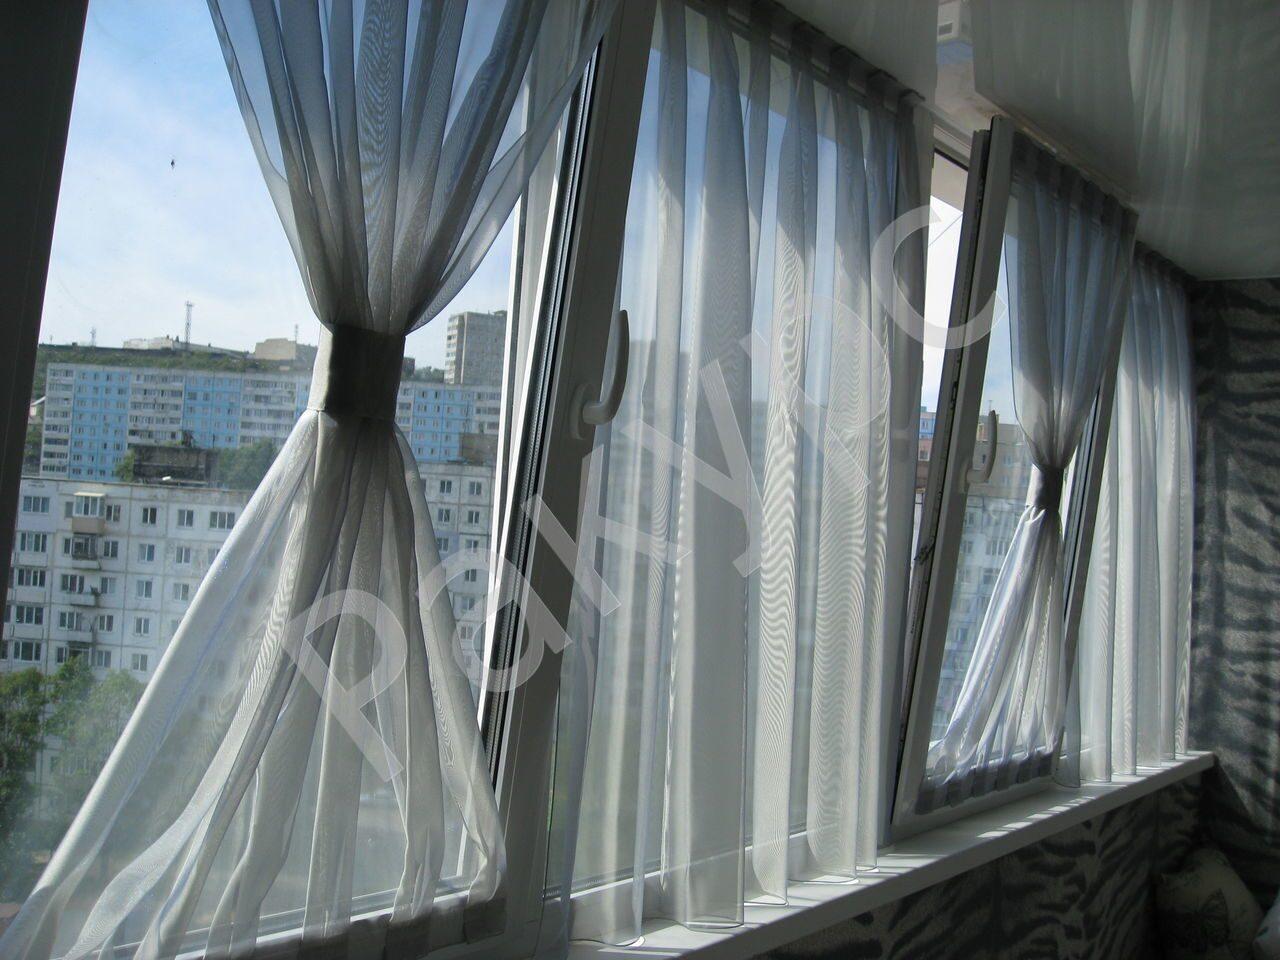 Тюлевые занавески на каждую створку окна. окно открывается и.